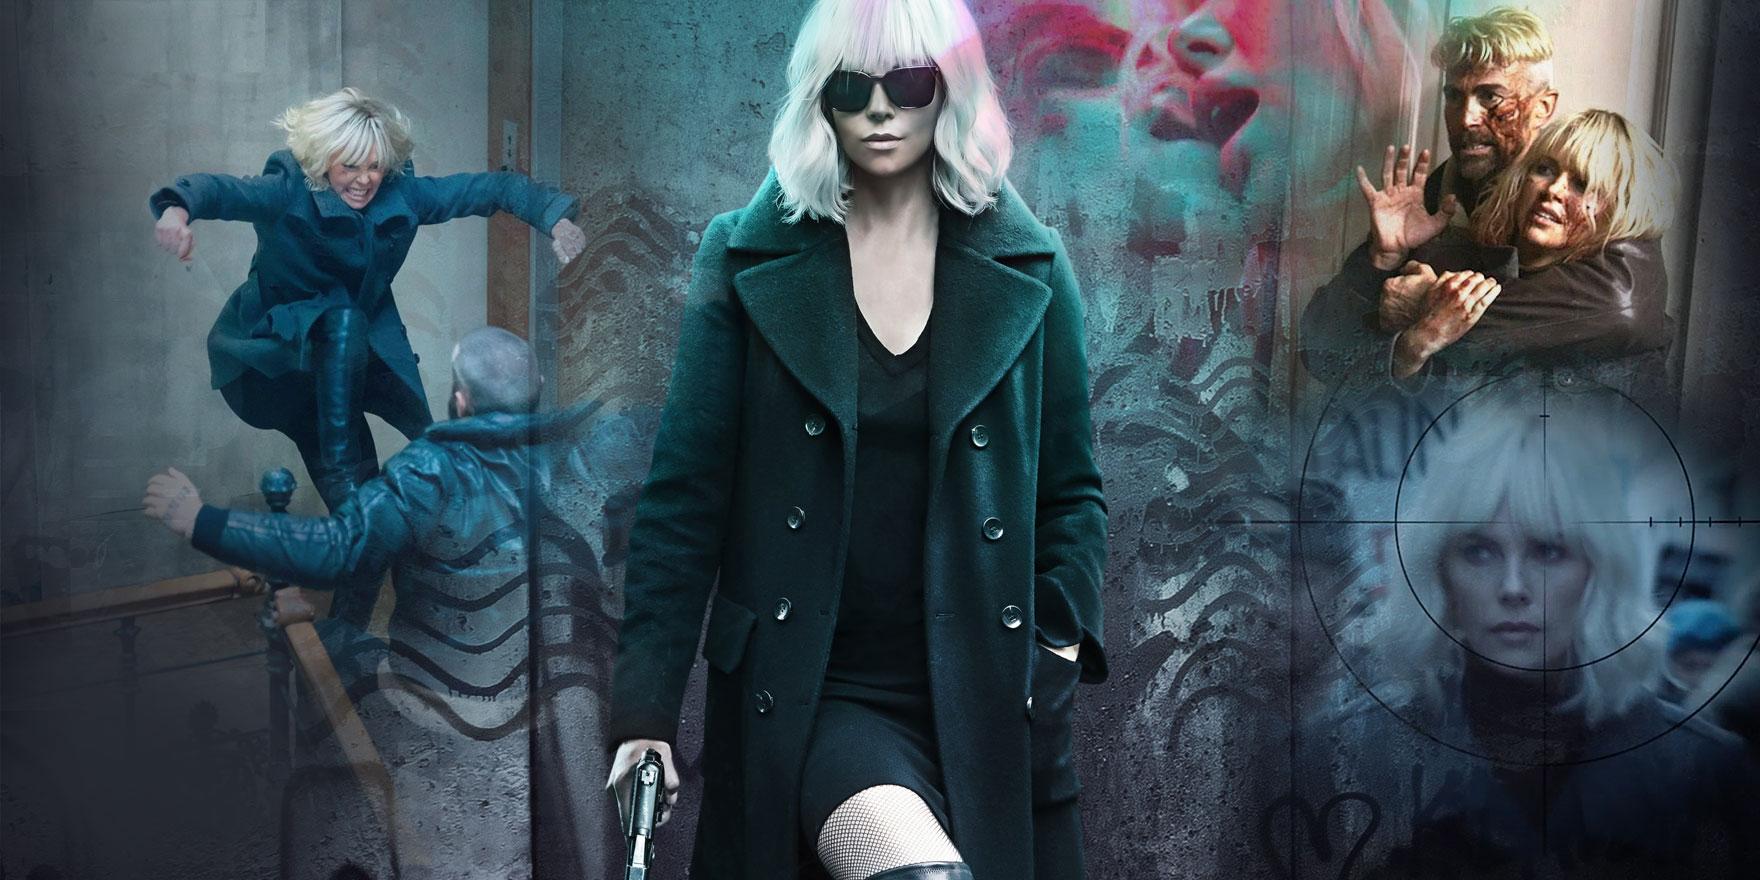 Atomic Blonde - Header Image